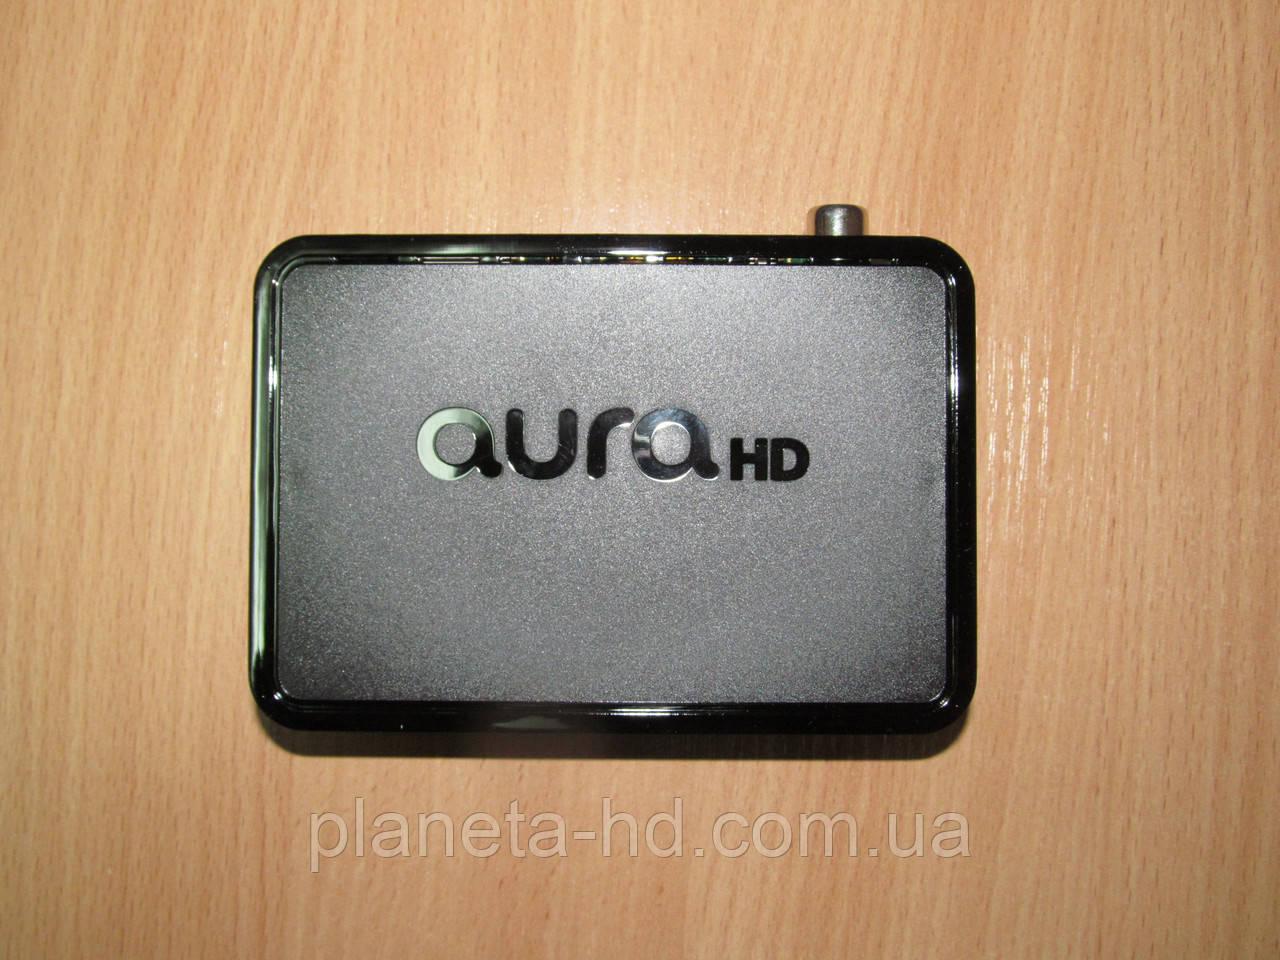 Planeta tv aura hd pdf